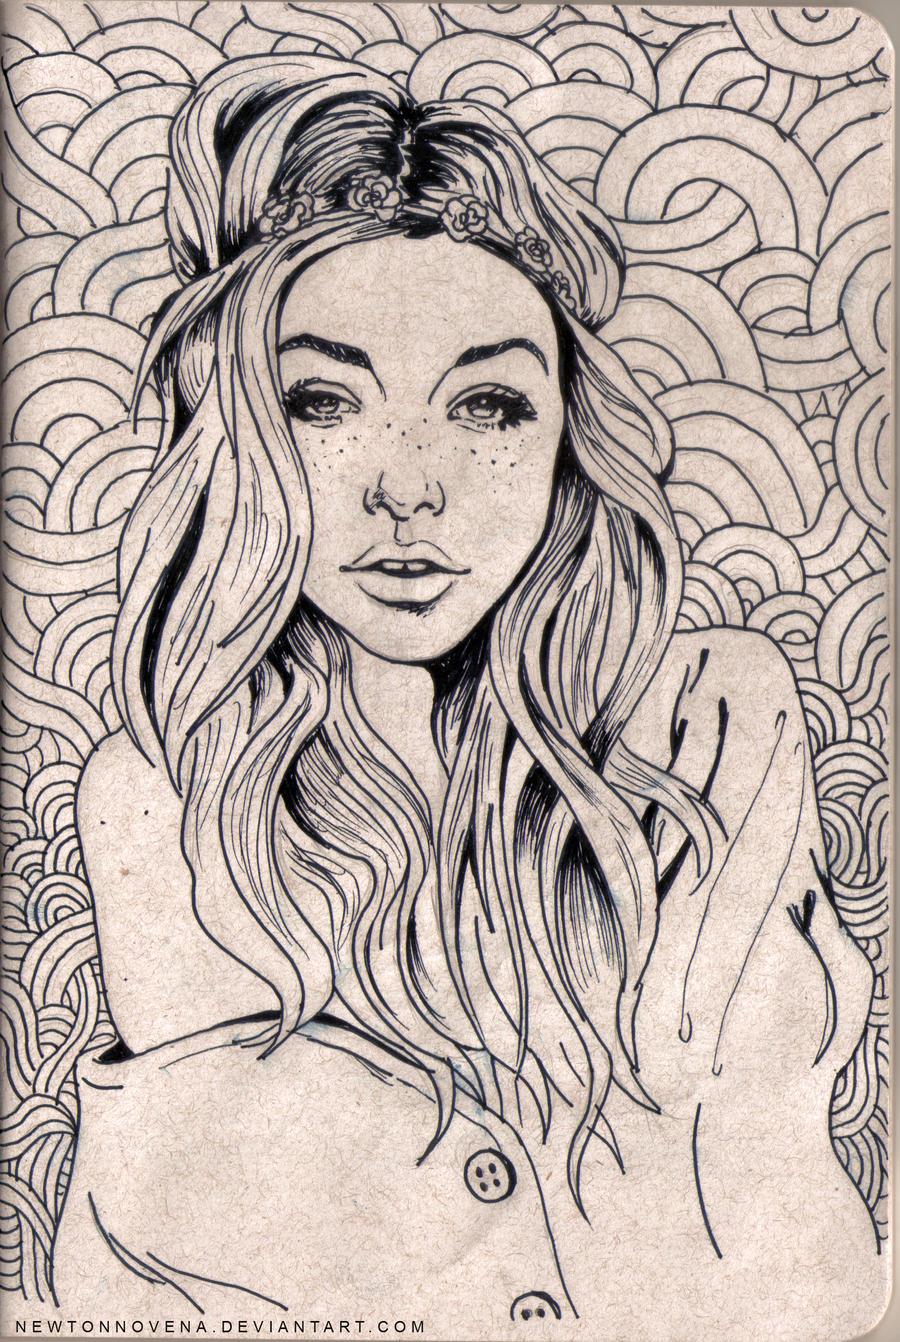 Tumblr Girl by newtonnovena on DeviantArt